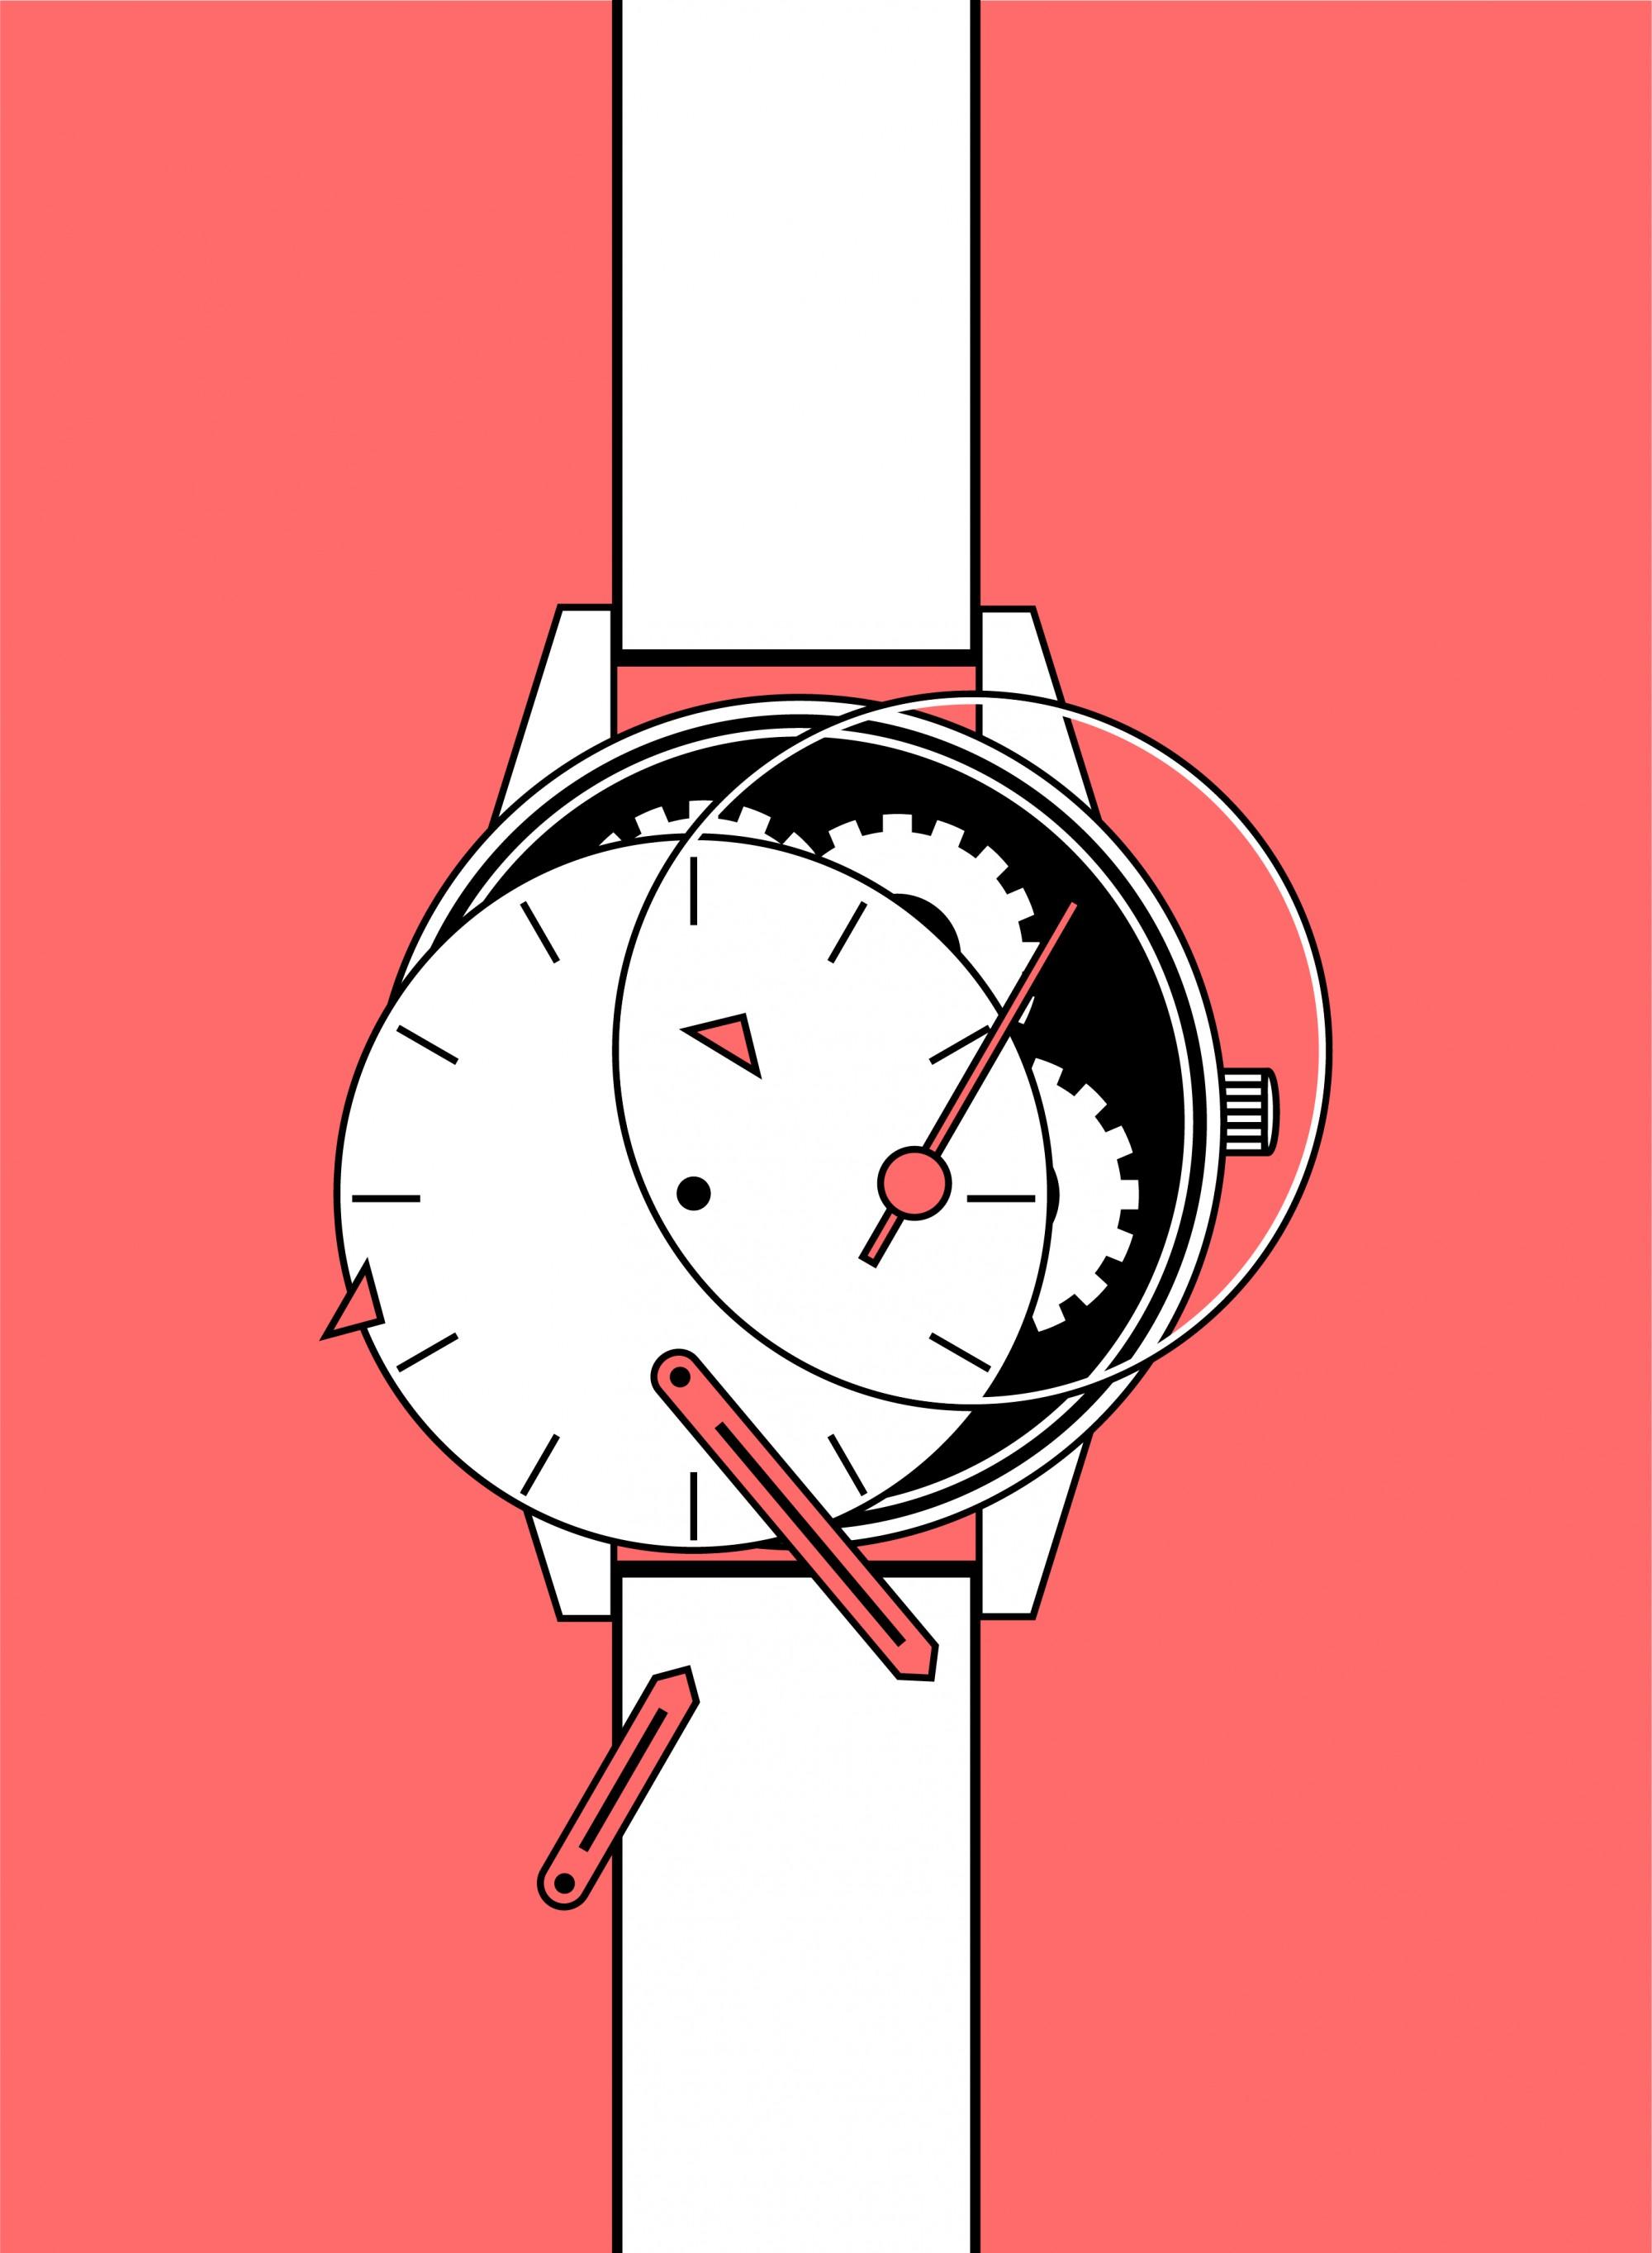 Armbanduhr Illustration auf lachsfarbenen Hintergrund